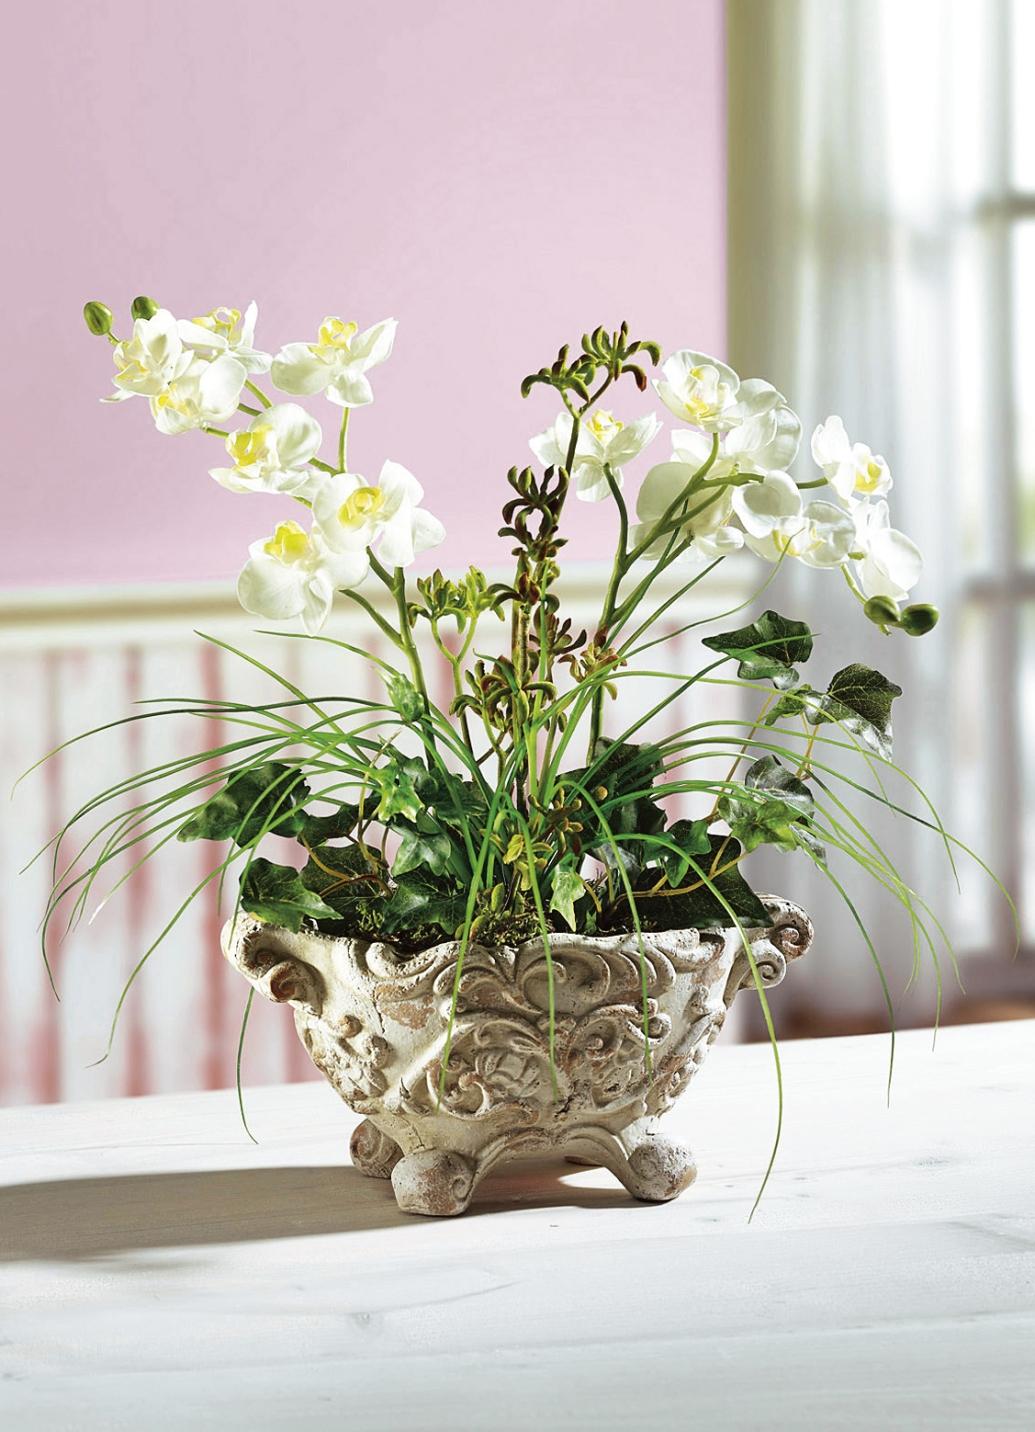 orchideen gesteck kunst textilpflanzen brigitte hachenburg. Black Bedroom Furniture Sets. Home Design Ideas